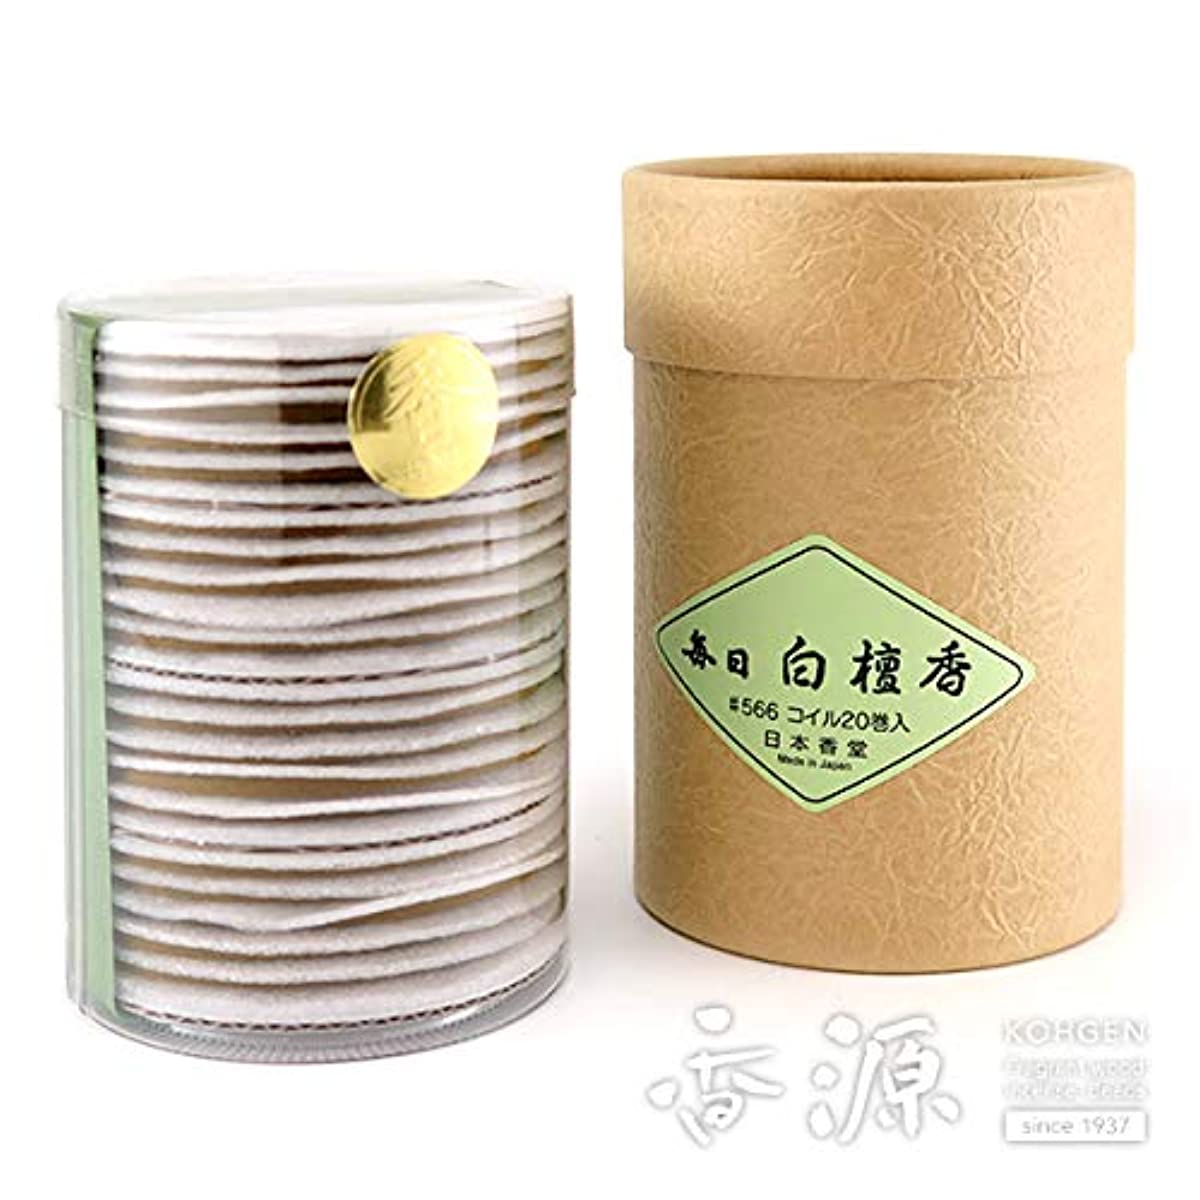 日本香堂のお香 毎日白檀香 徳用渦巻型20枚入